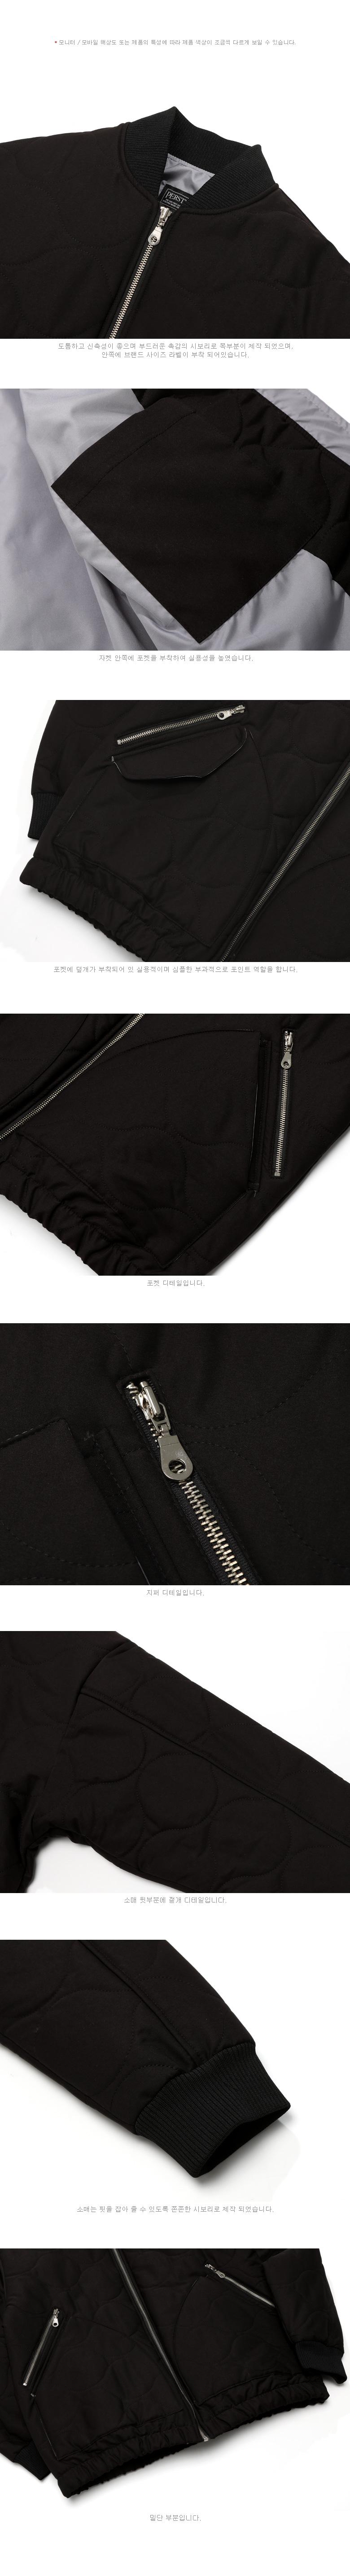 4303_detail_black_ms_02.jpg